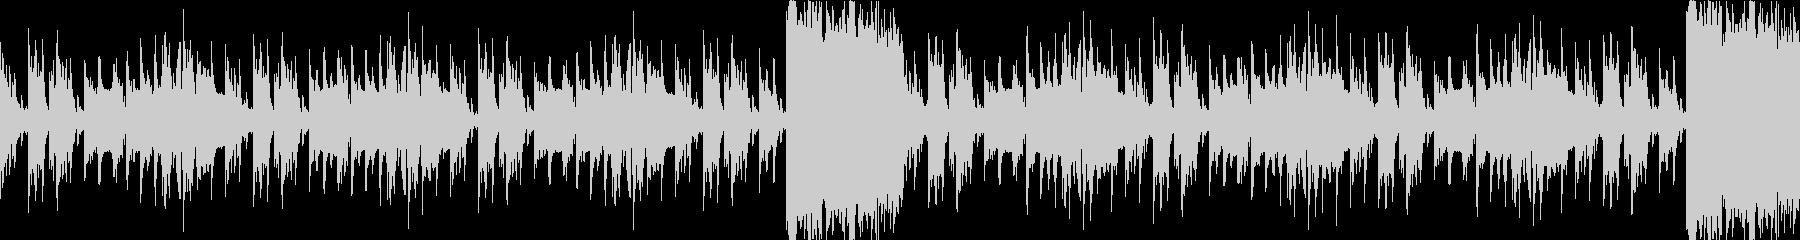 洞窟、ダンジョン、暗く切ない曲ループaの未再生の波形